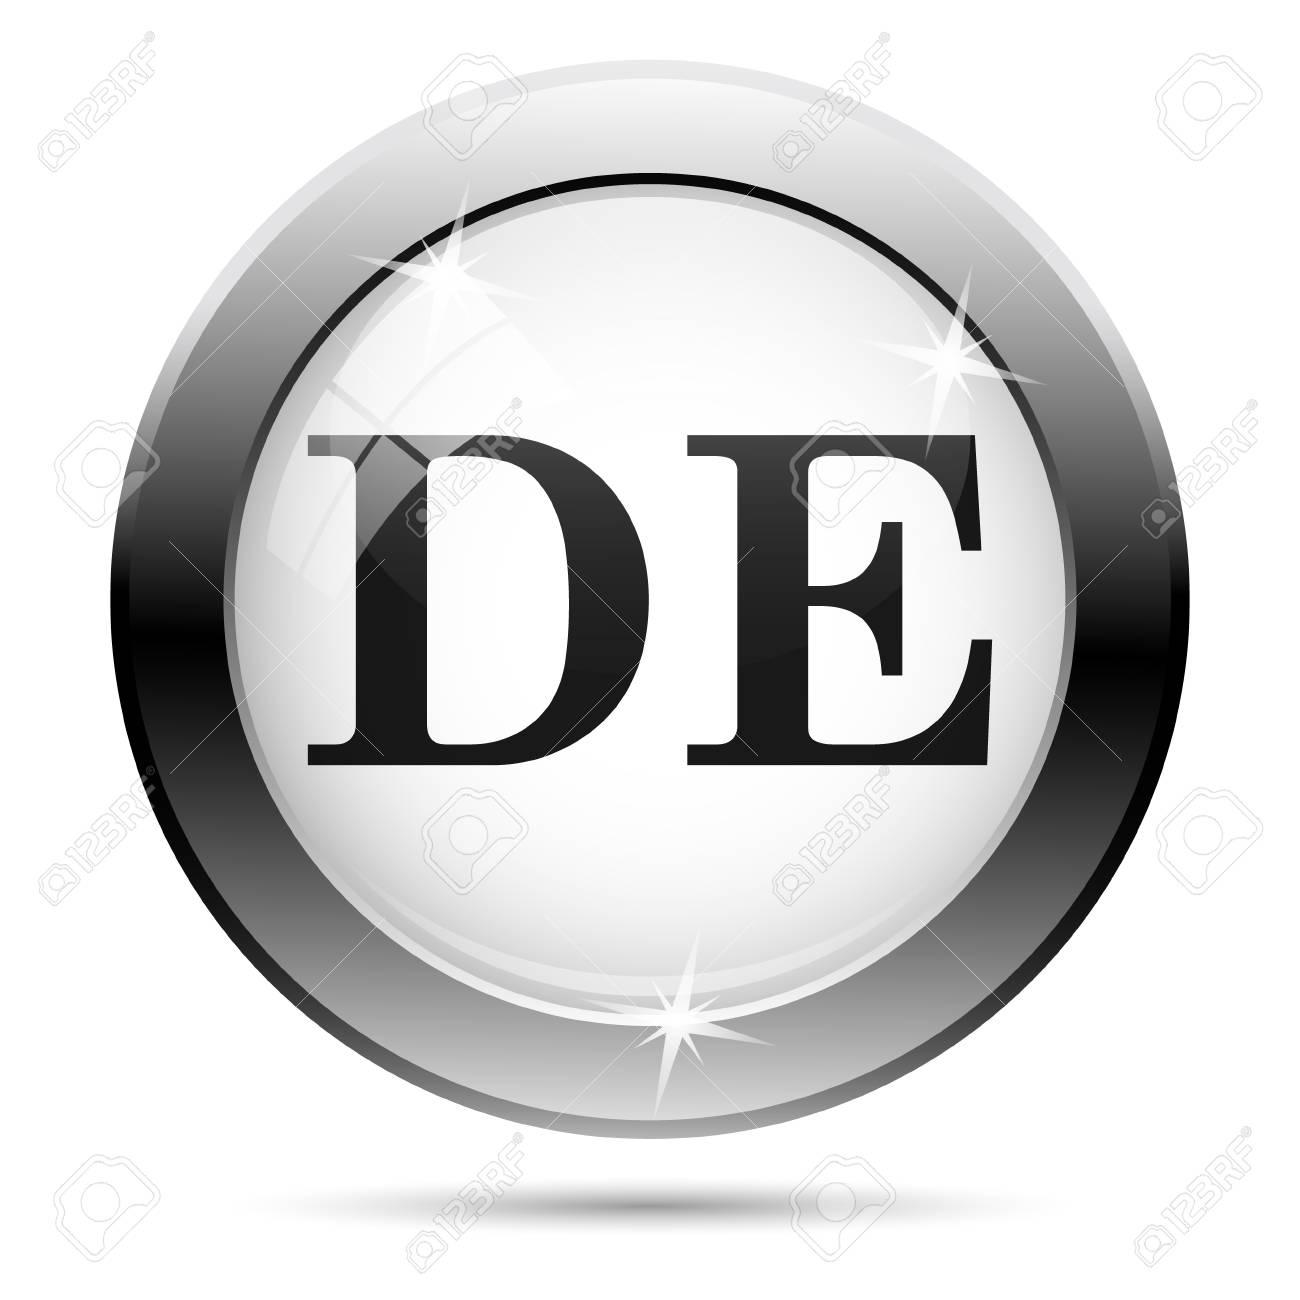 Metallic icon with black design on white glass background Stock Photo - 21096486